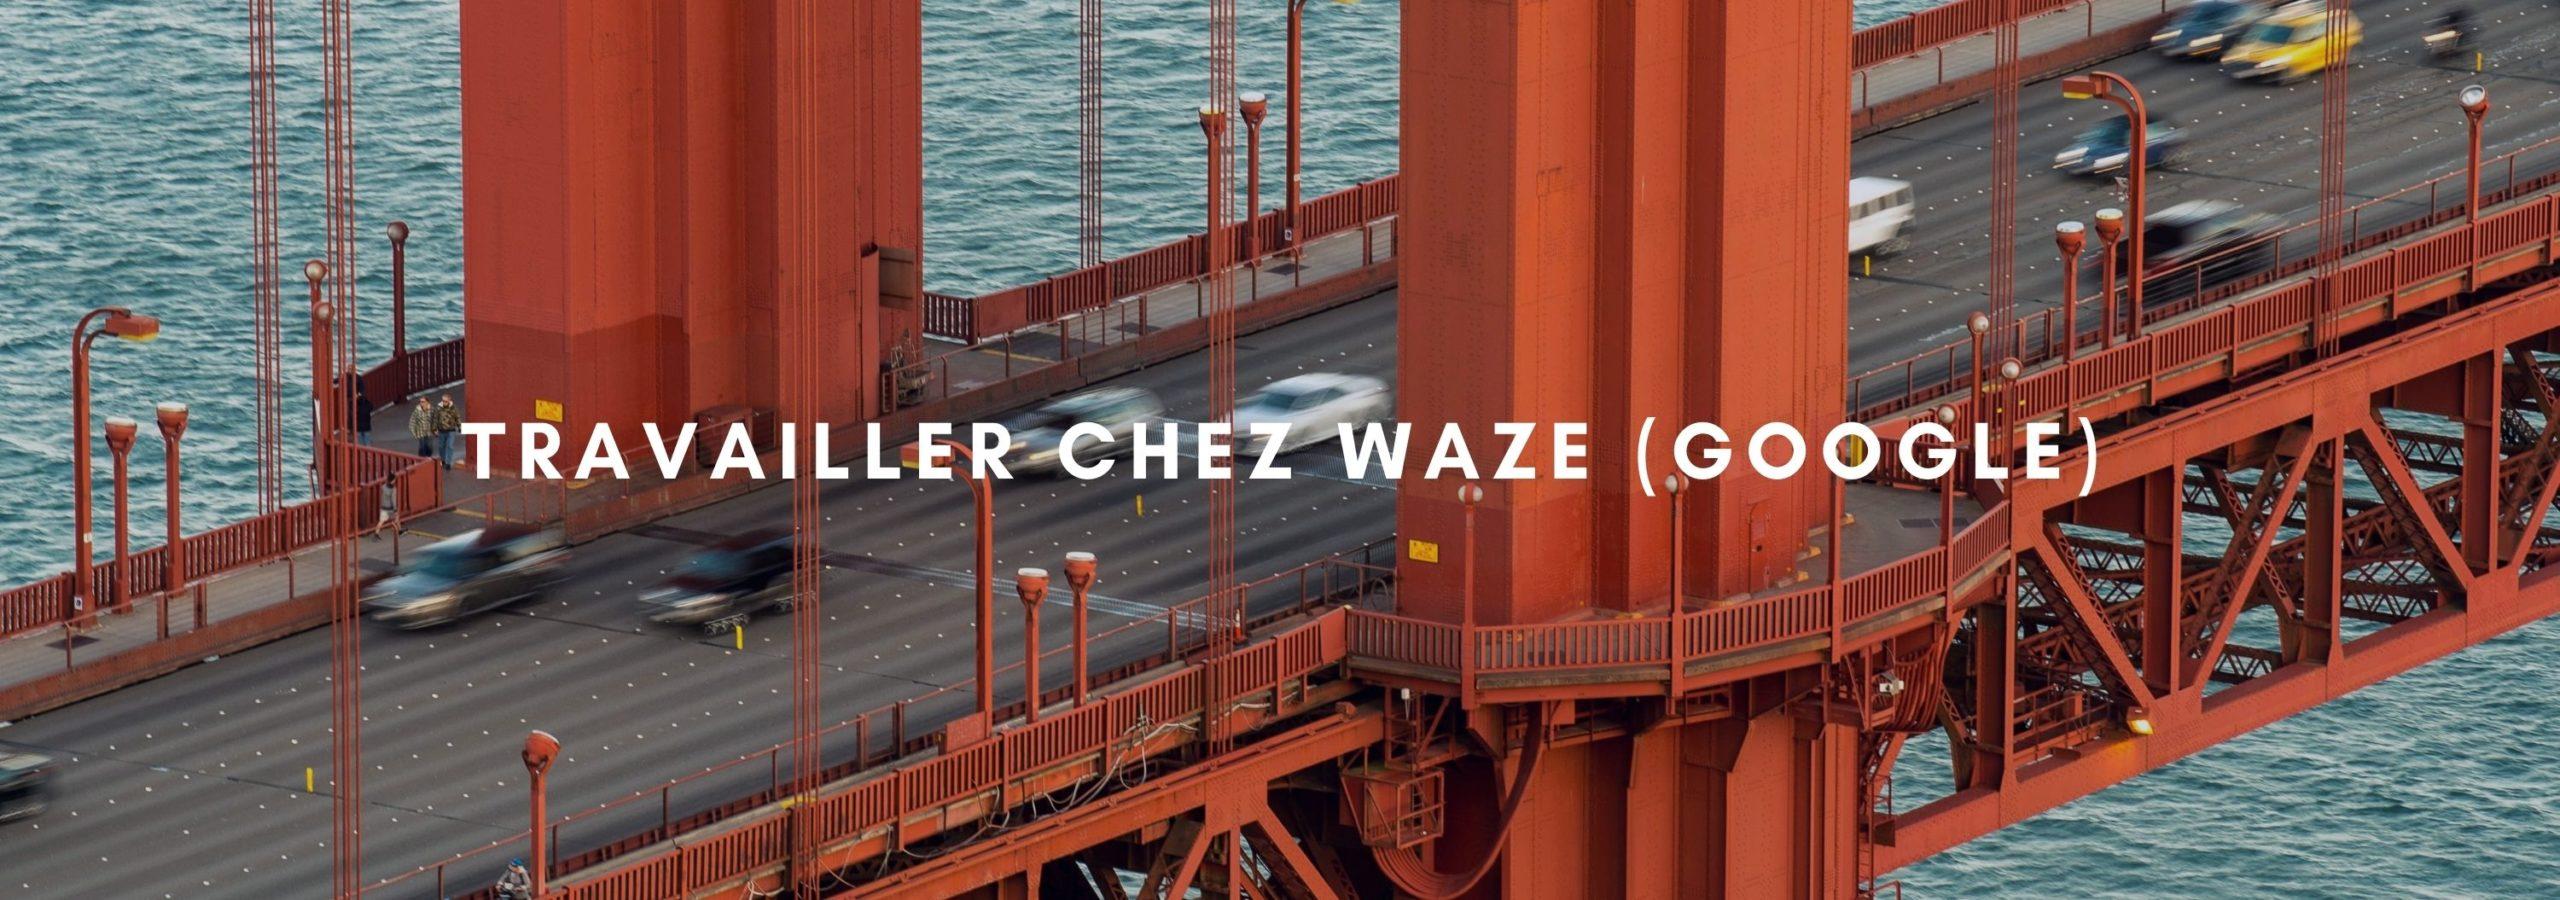 Travailler chez Waze (Google)